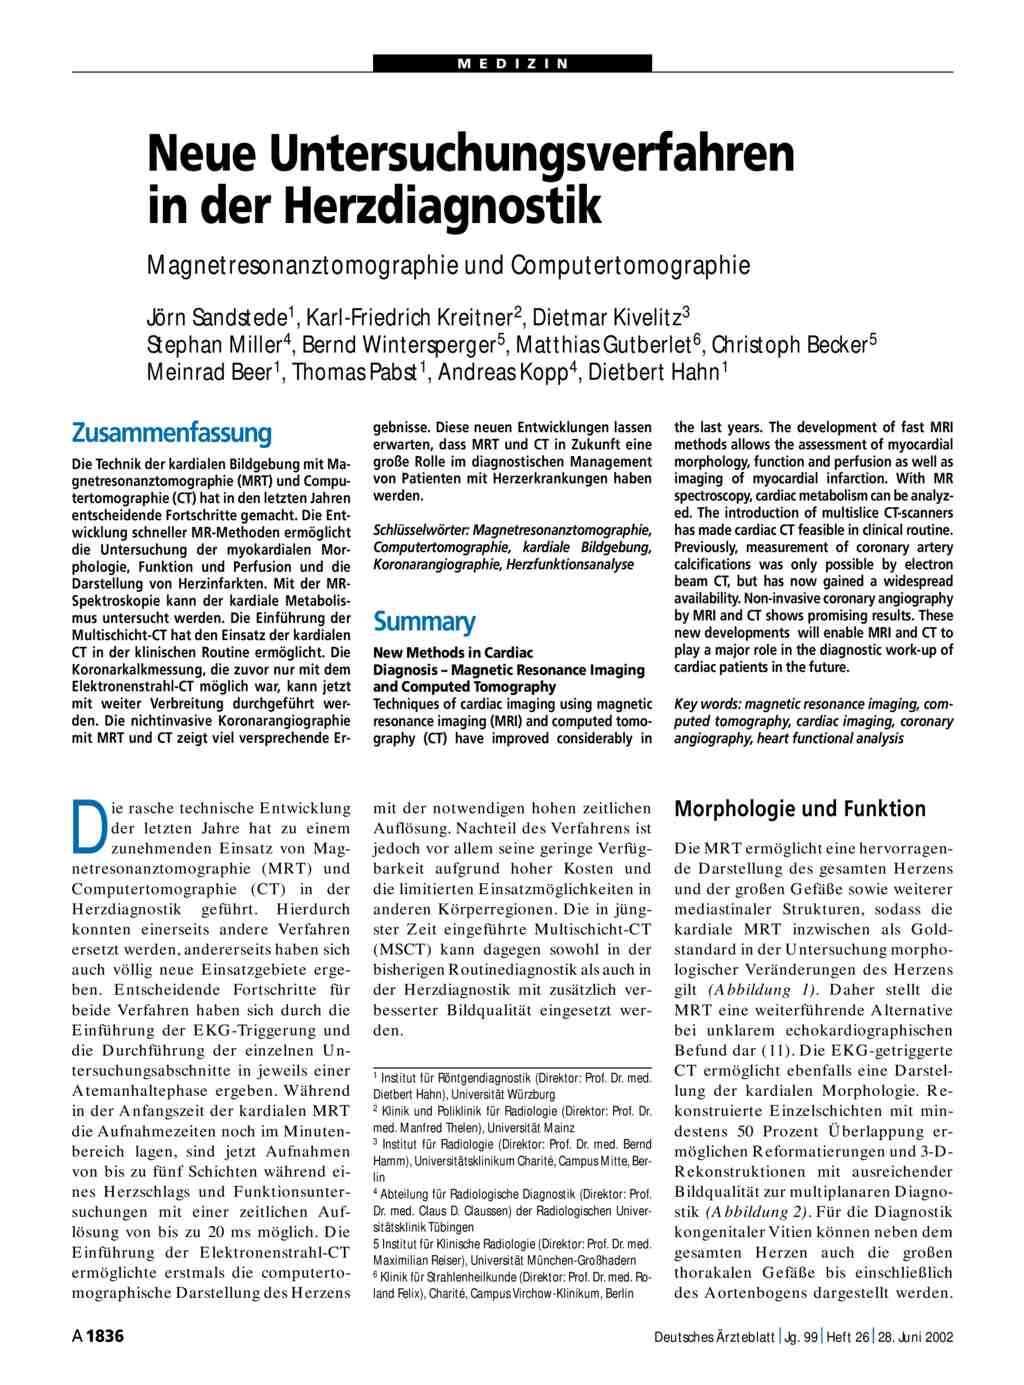 Neue Untersuchungsverfahren in der Herzdiagnostik ...